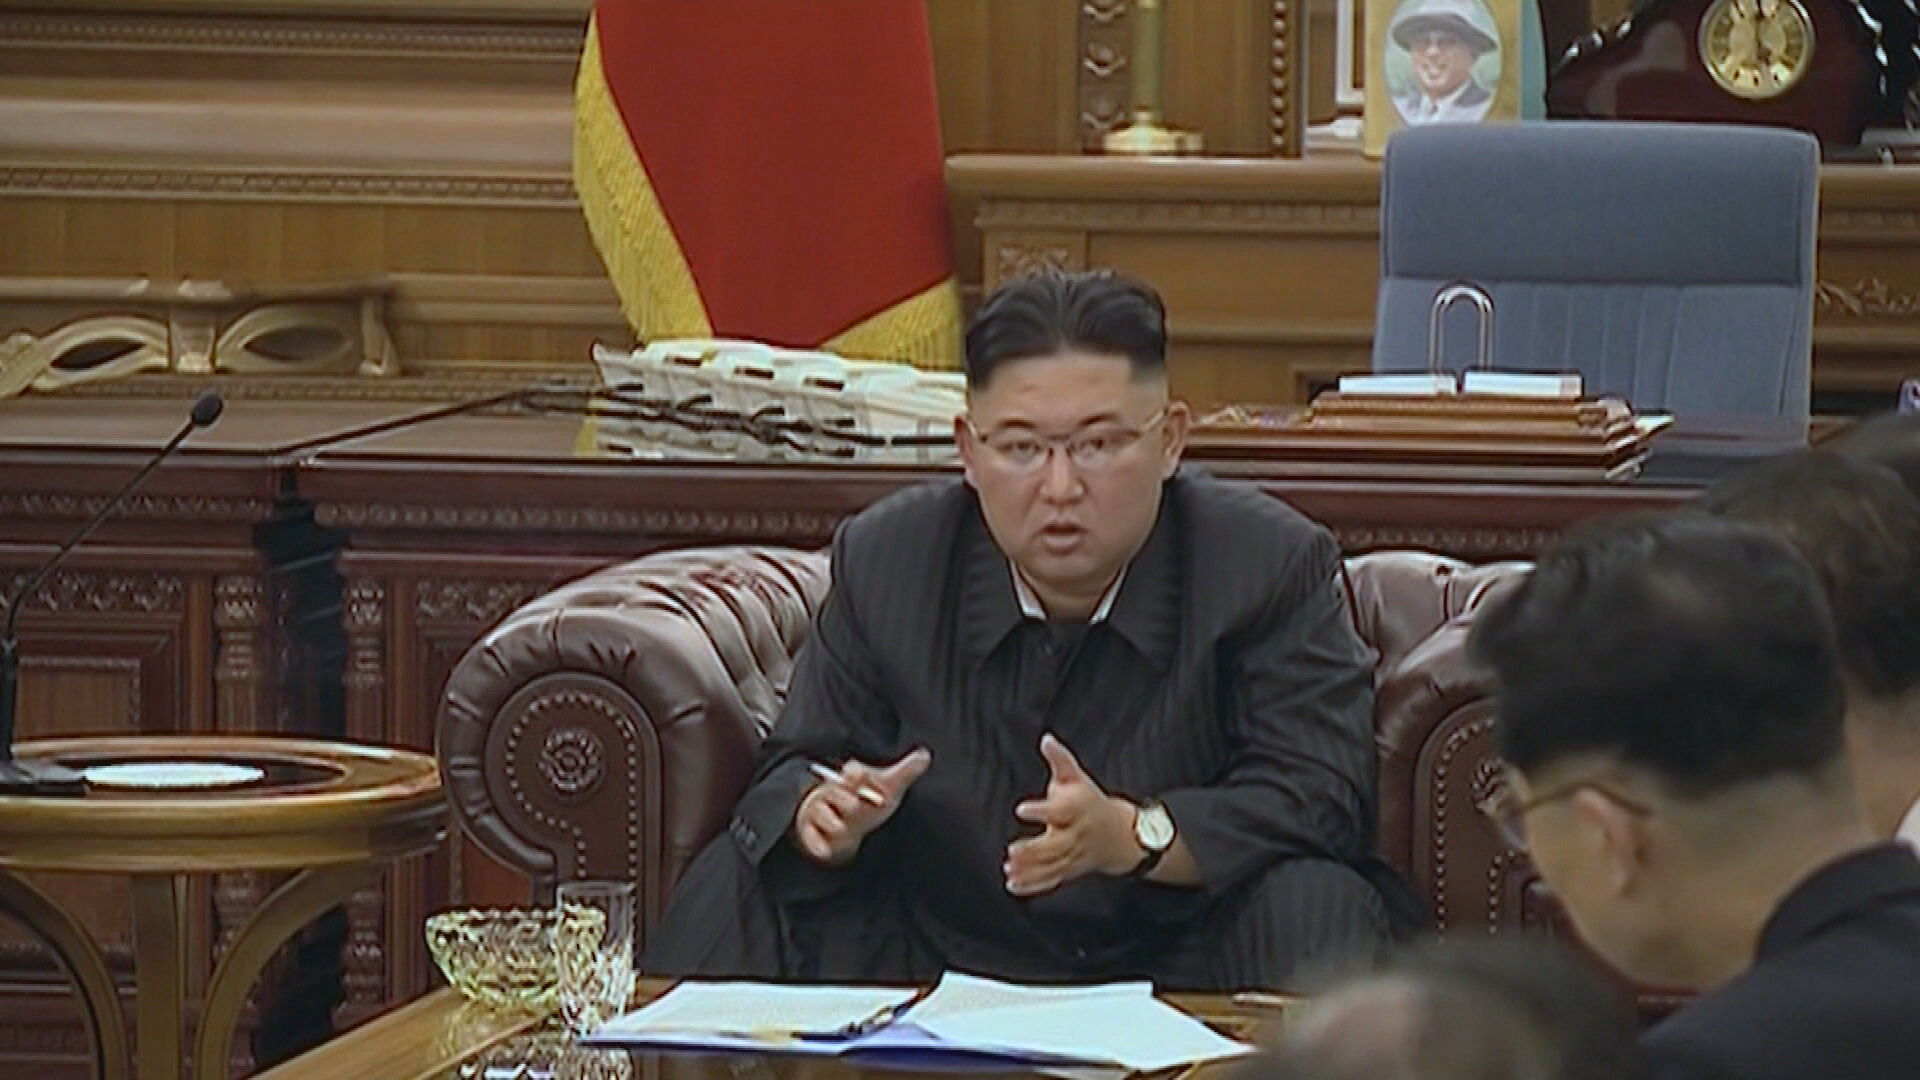 Emagrecimento de Kim Jong Un despertou atenção de agência de inteligência